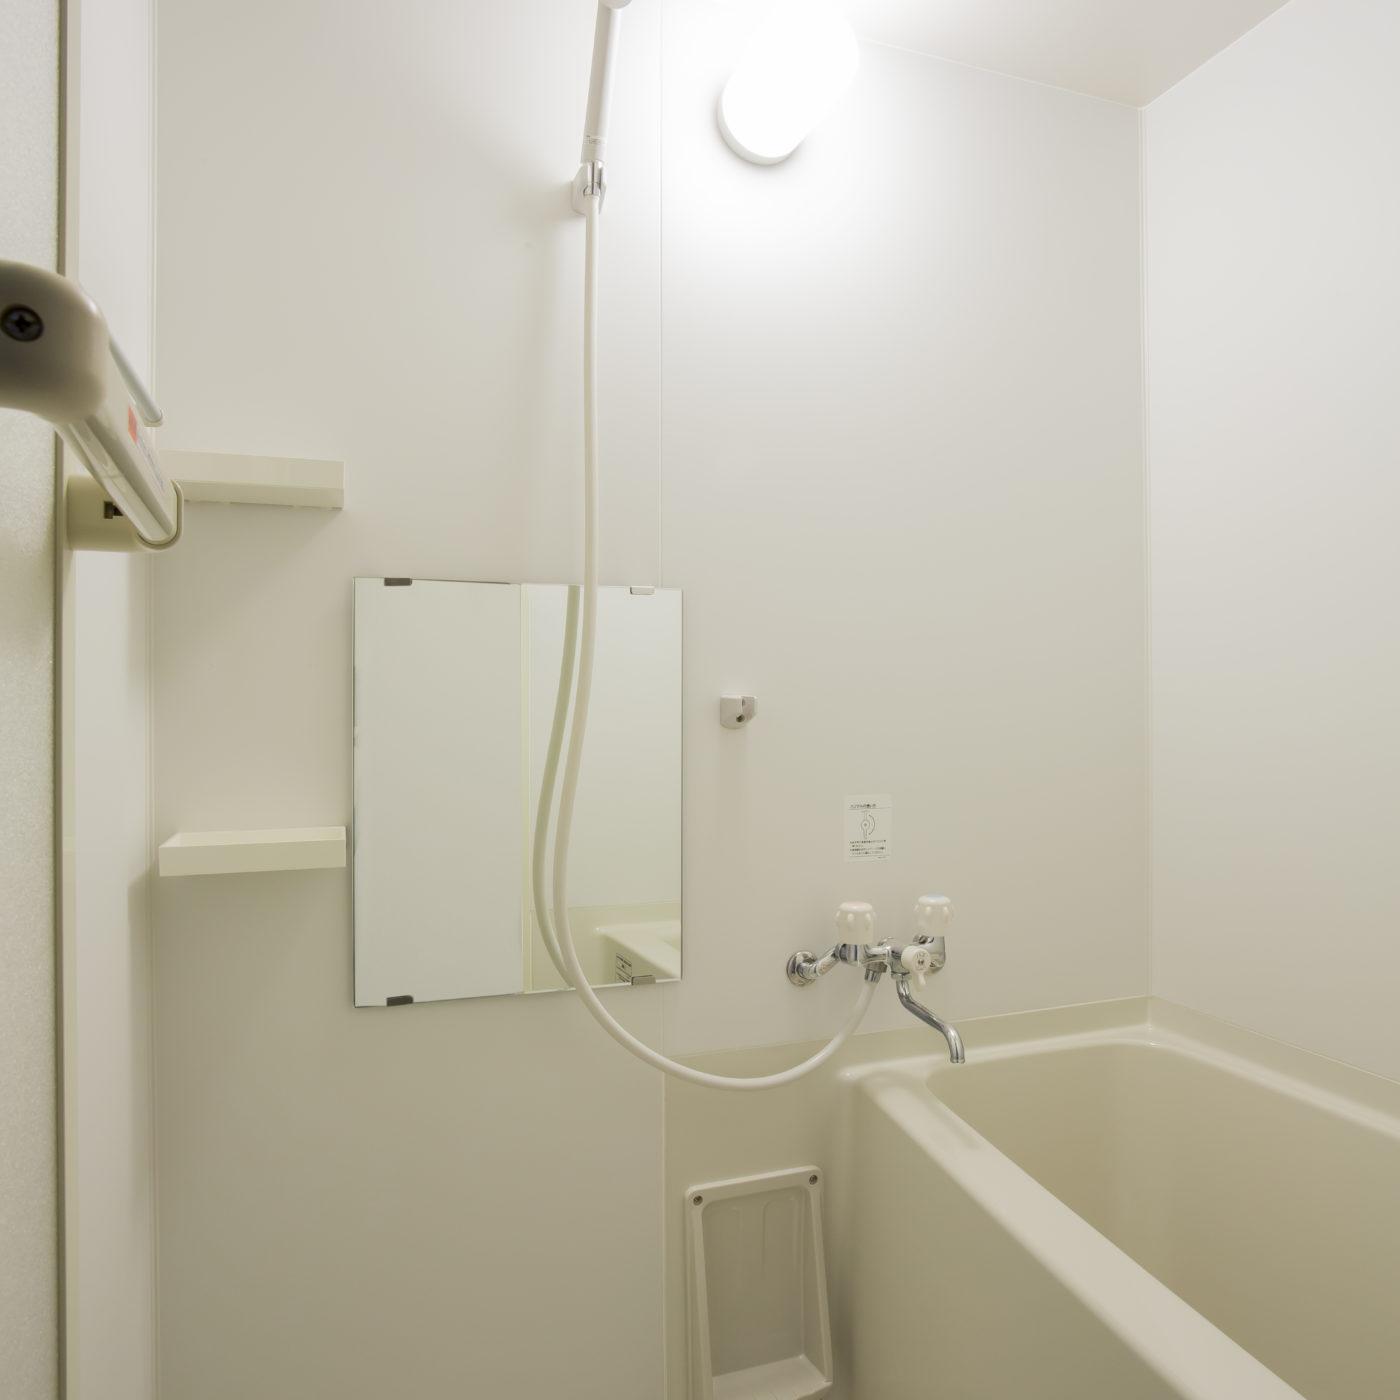 九大 伊都 エターナルハタエ 浴室